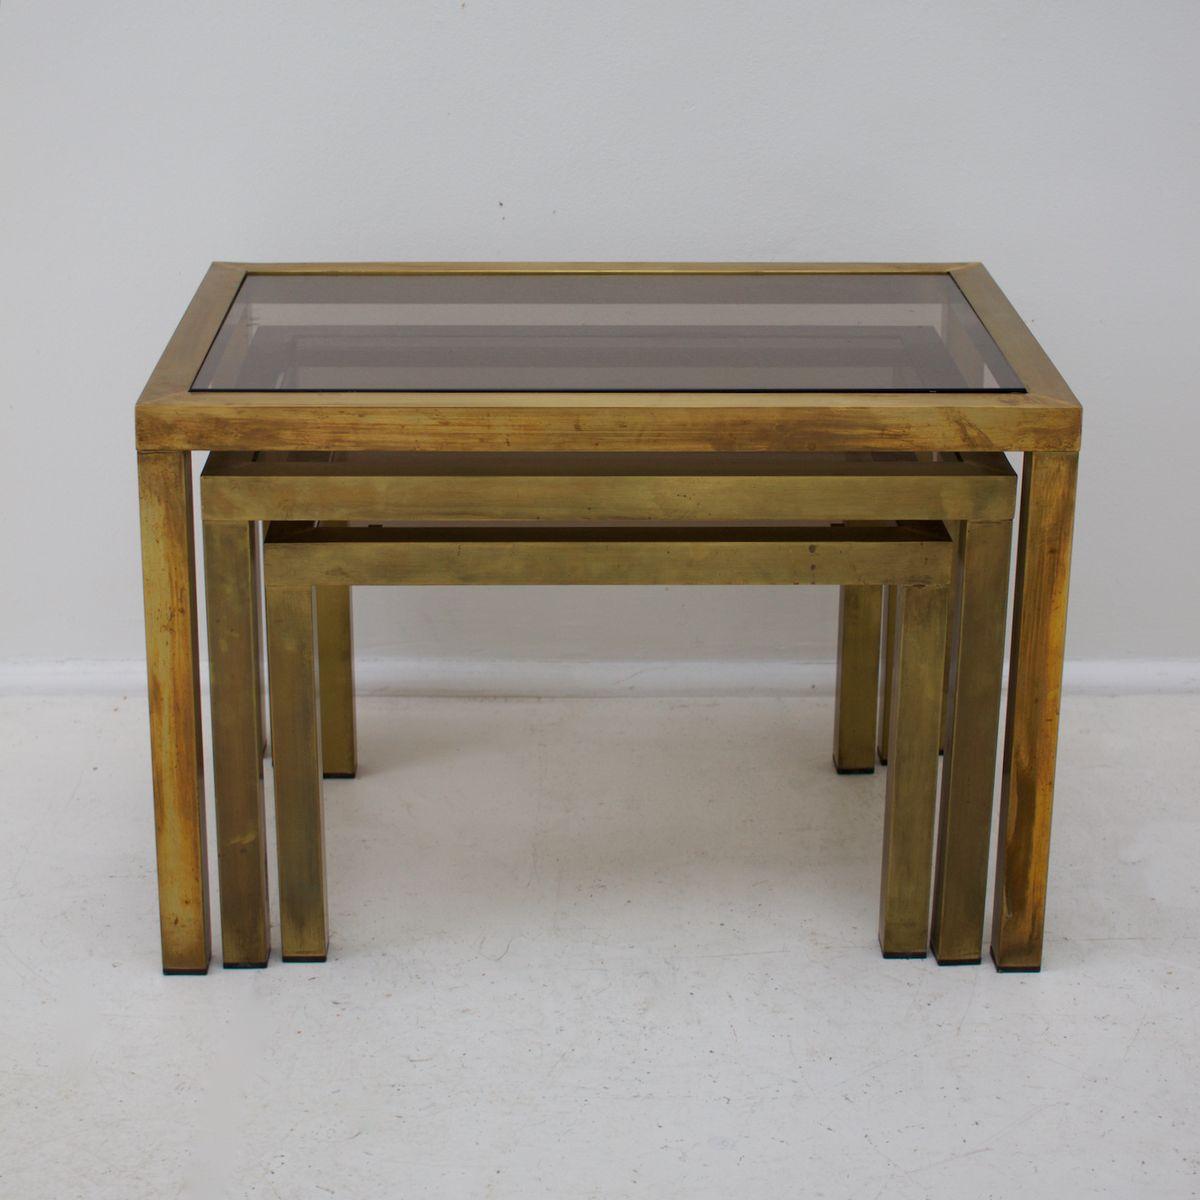 satztische mit rauchglas tischplatten 1970er bei pamono. Black Bedroom Furniture Sets. Home Design Ideas